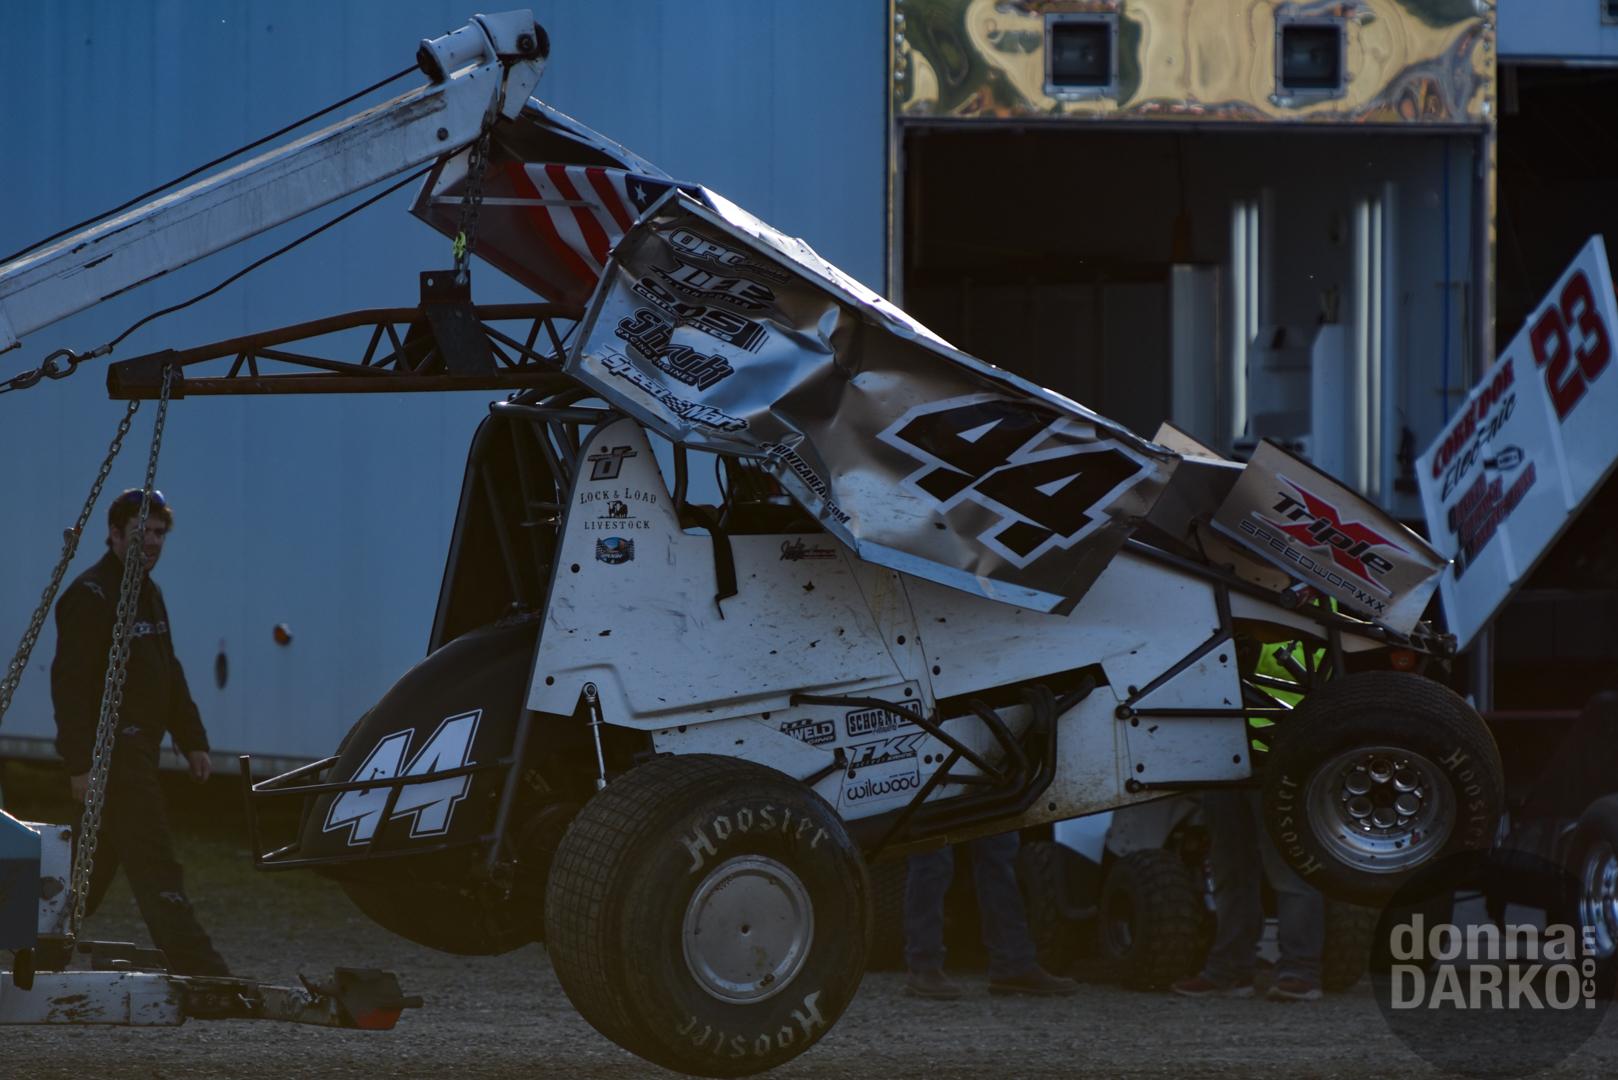 Sagit Speedway 6-8-19 -DSC_5765.jpg